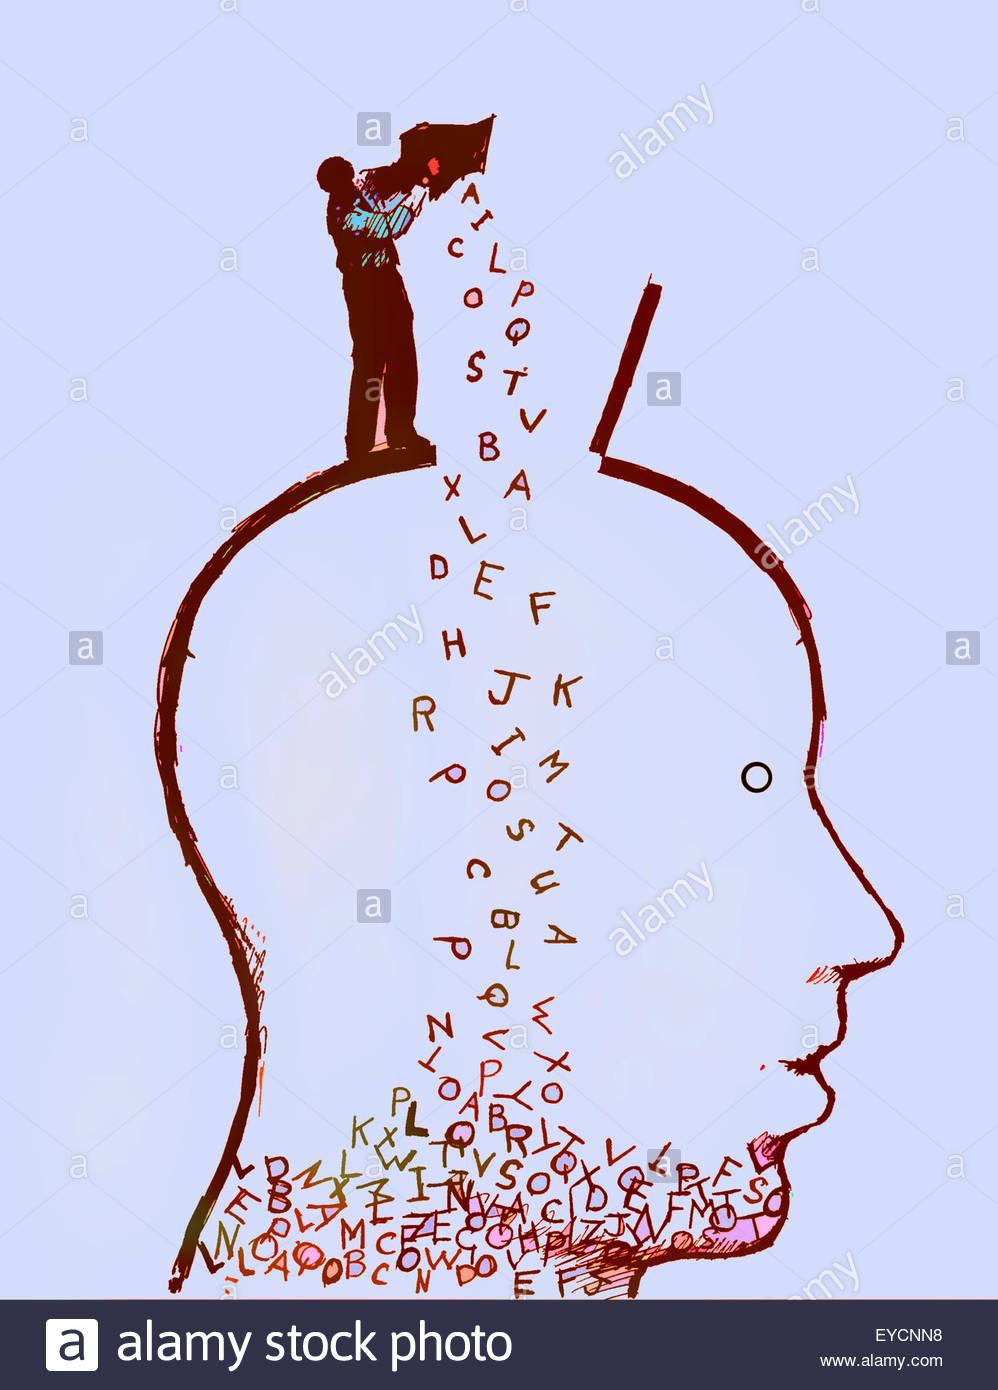 Mann strömenden Kasten der Buchstaben in der Kopf des Mannes Stockbild